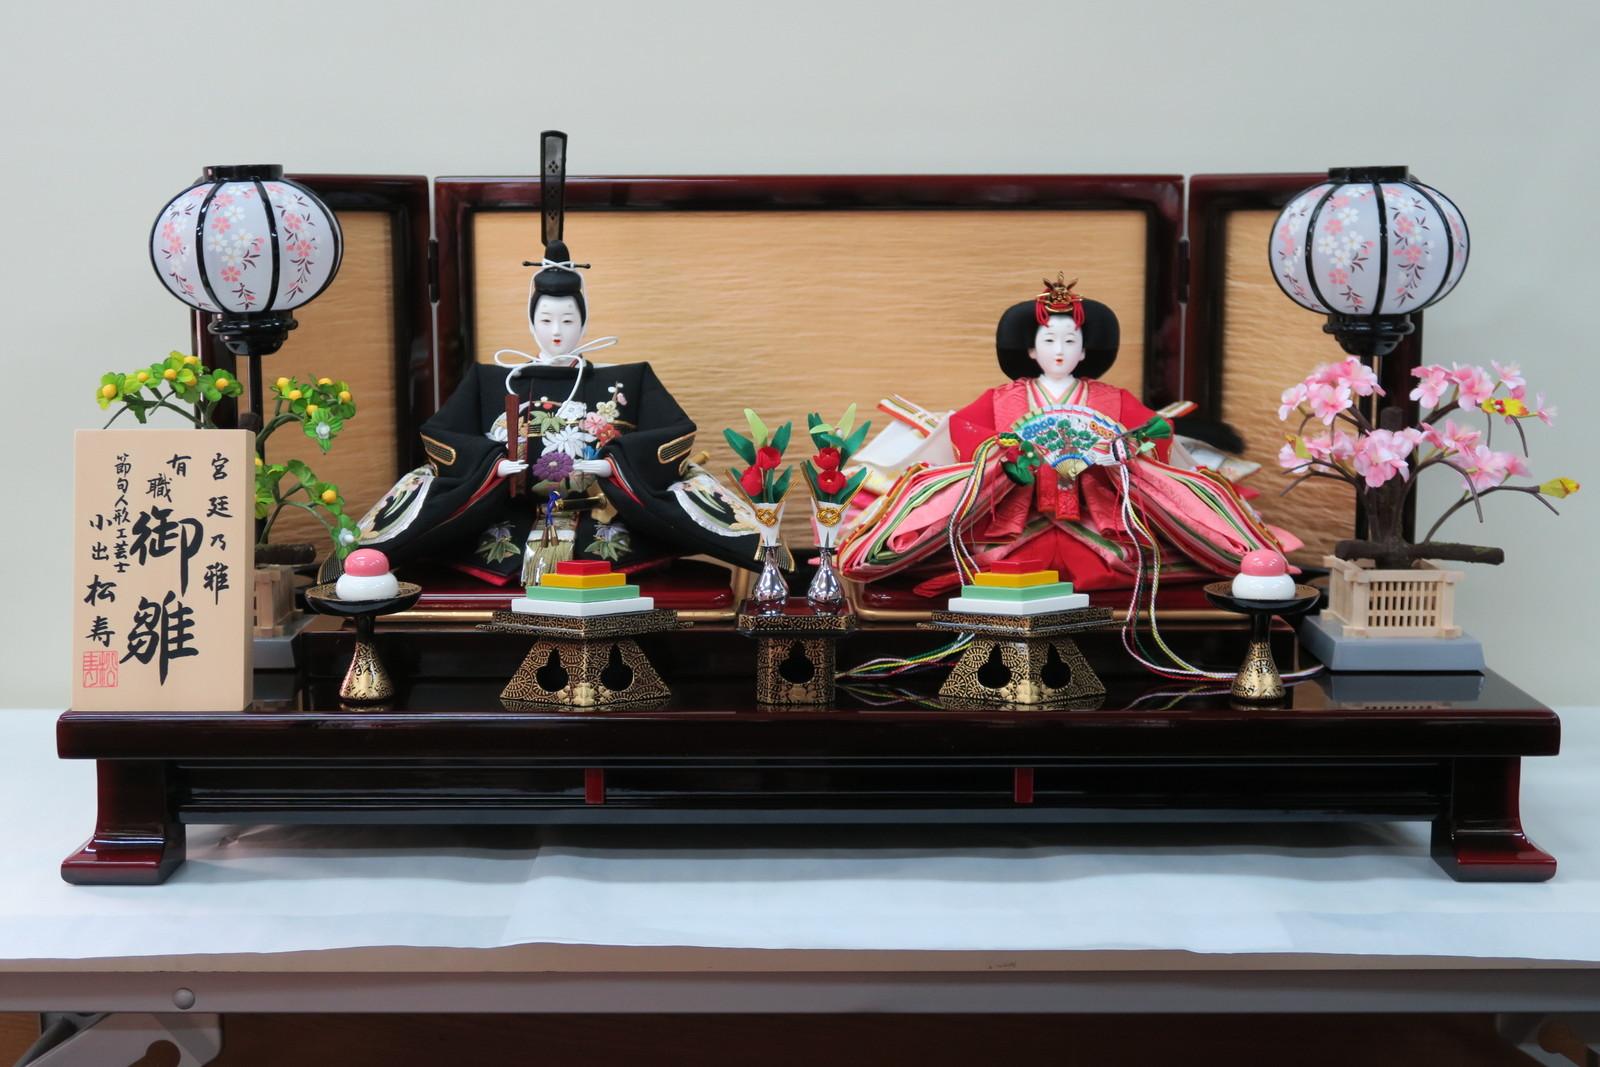 75松寿作 京十番京極手刺繍雛 (9号古代絹箔屏風黒塗台平飾り)